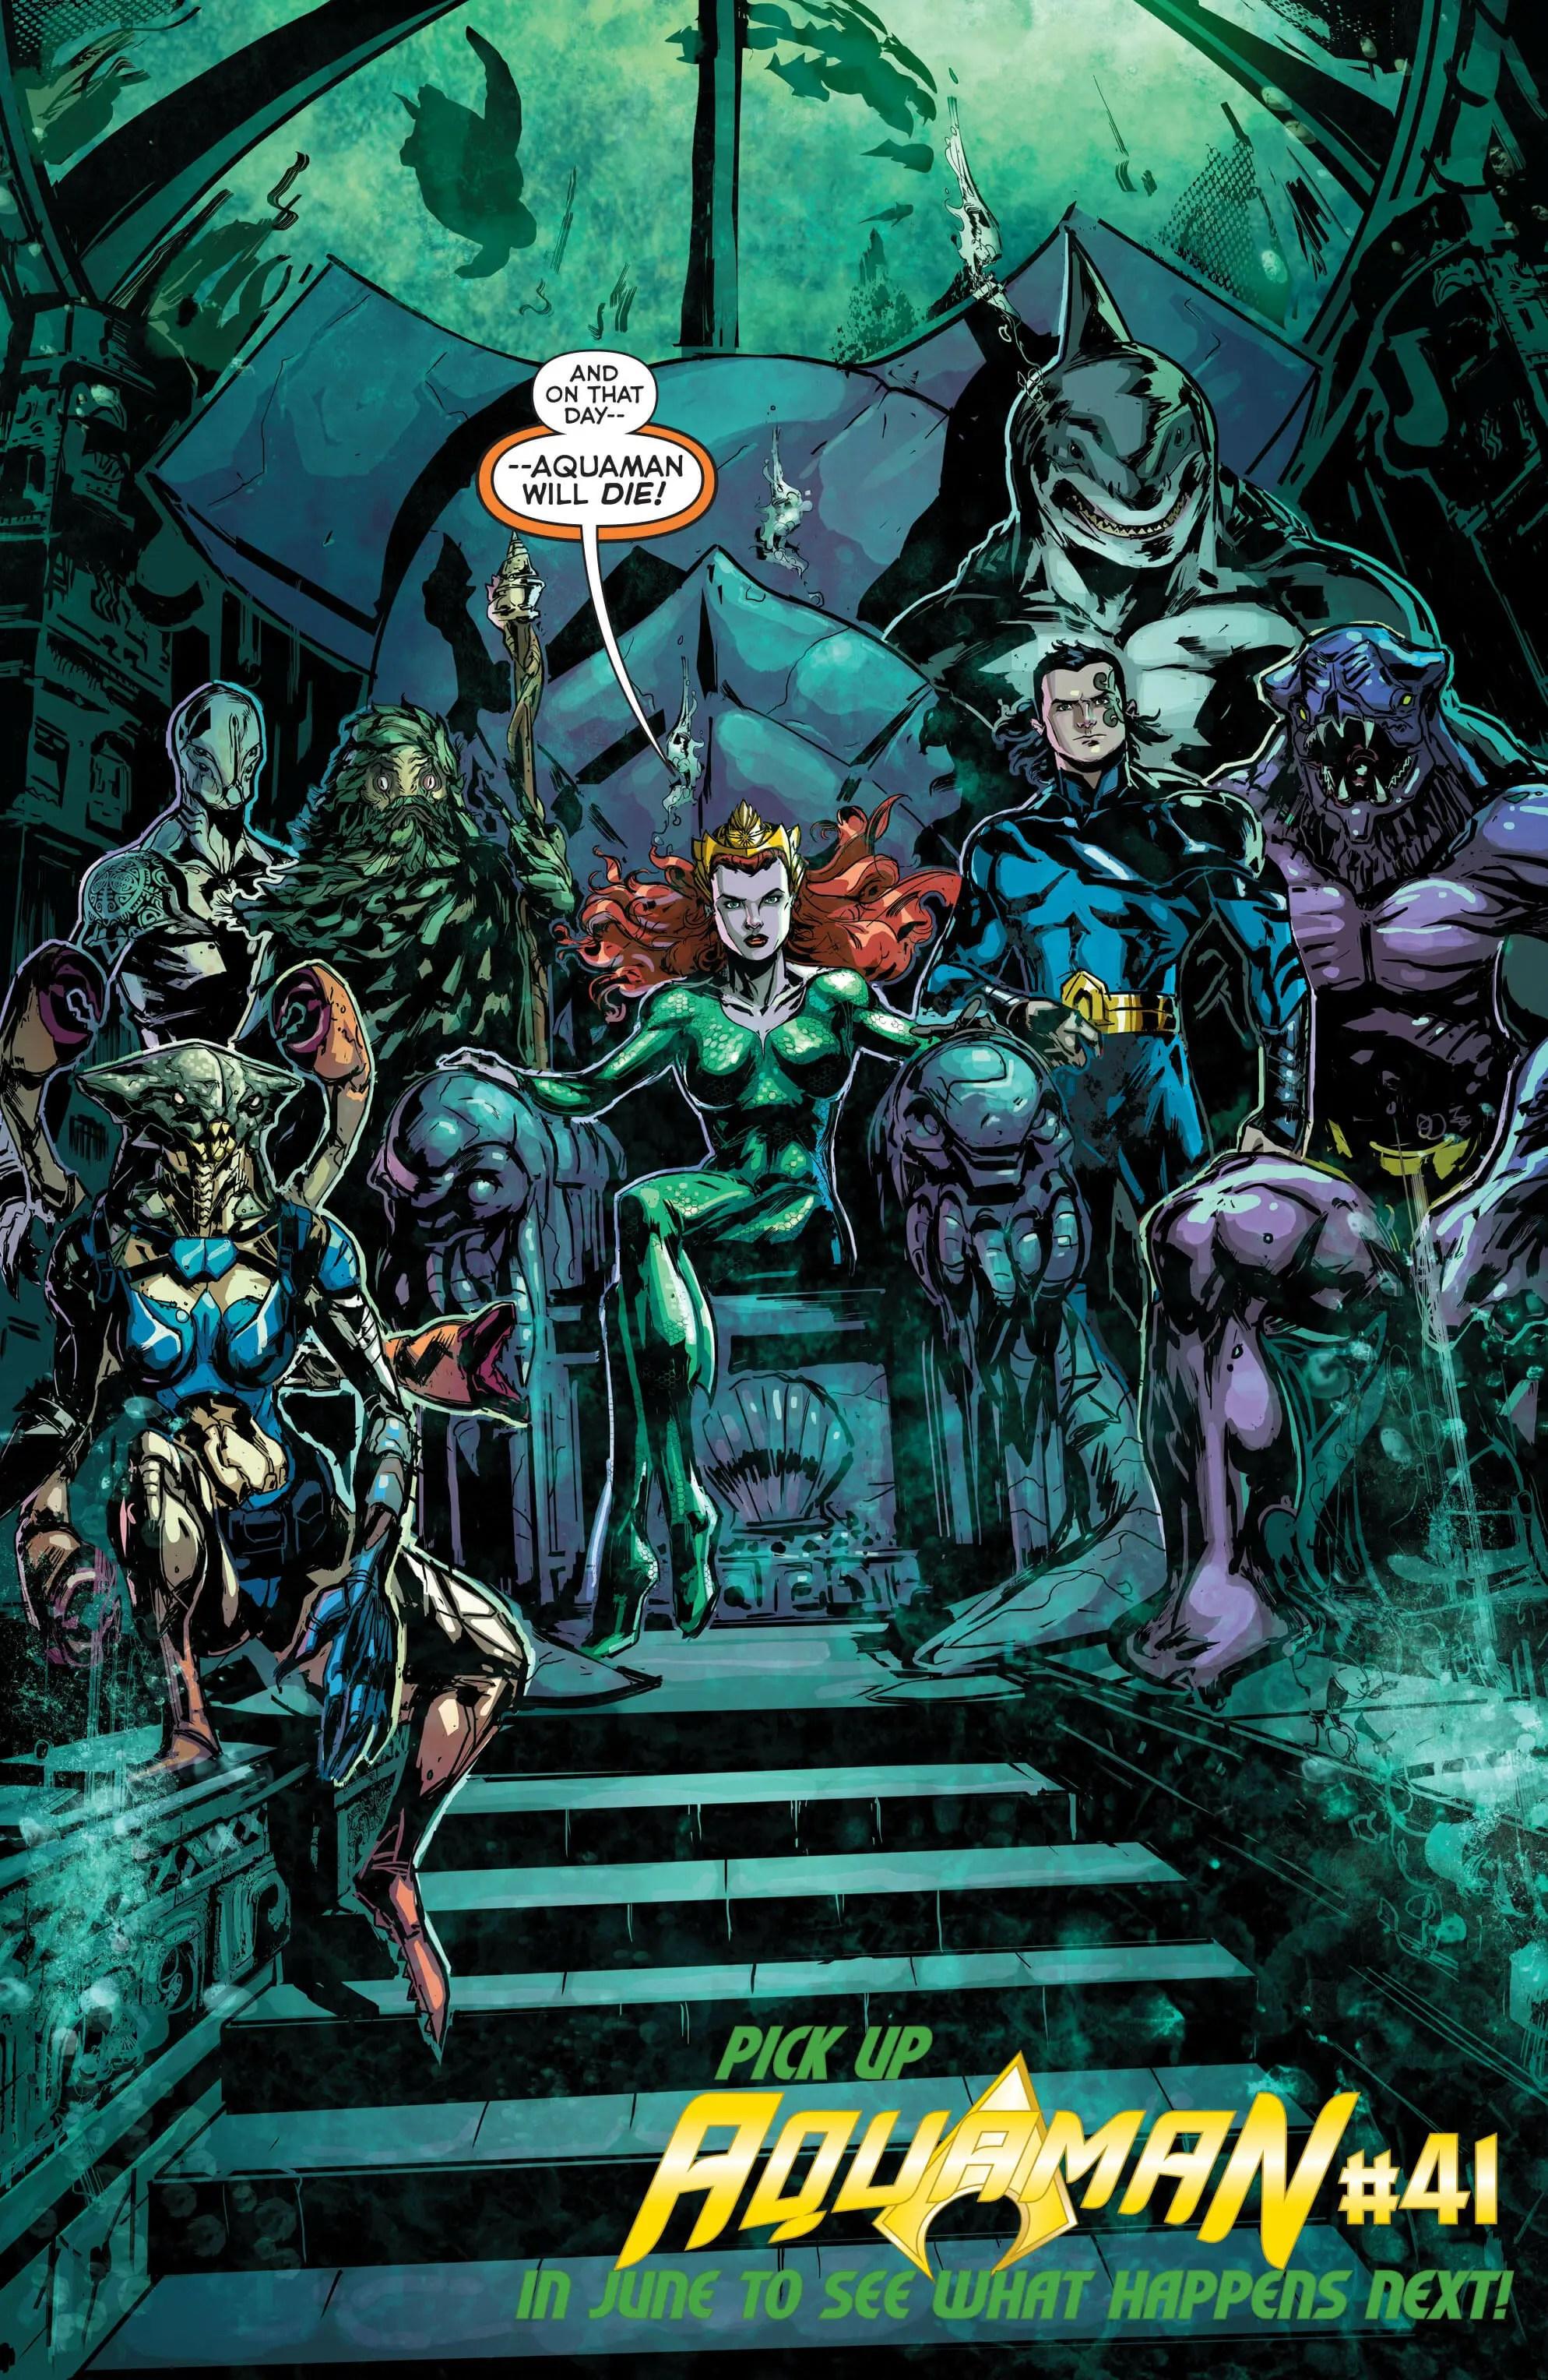 DC Sneak Peek: Aquaman - Comic Book Revolution